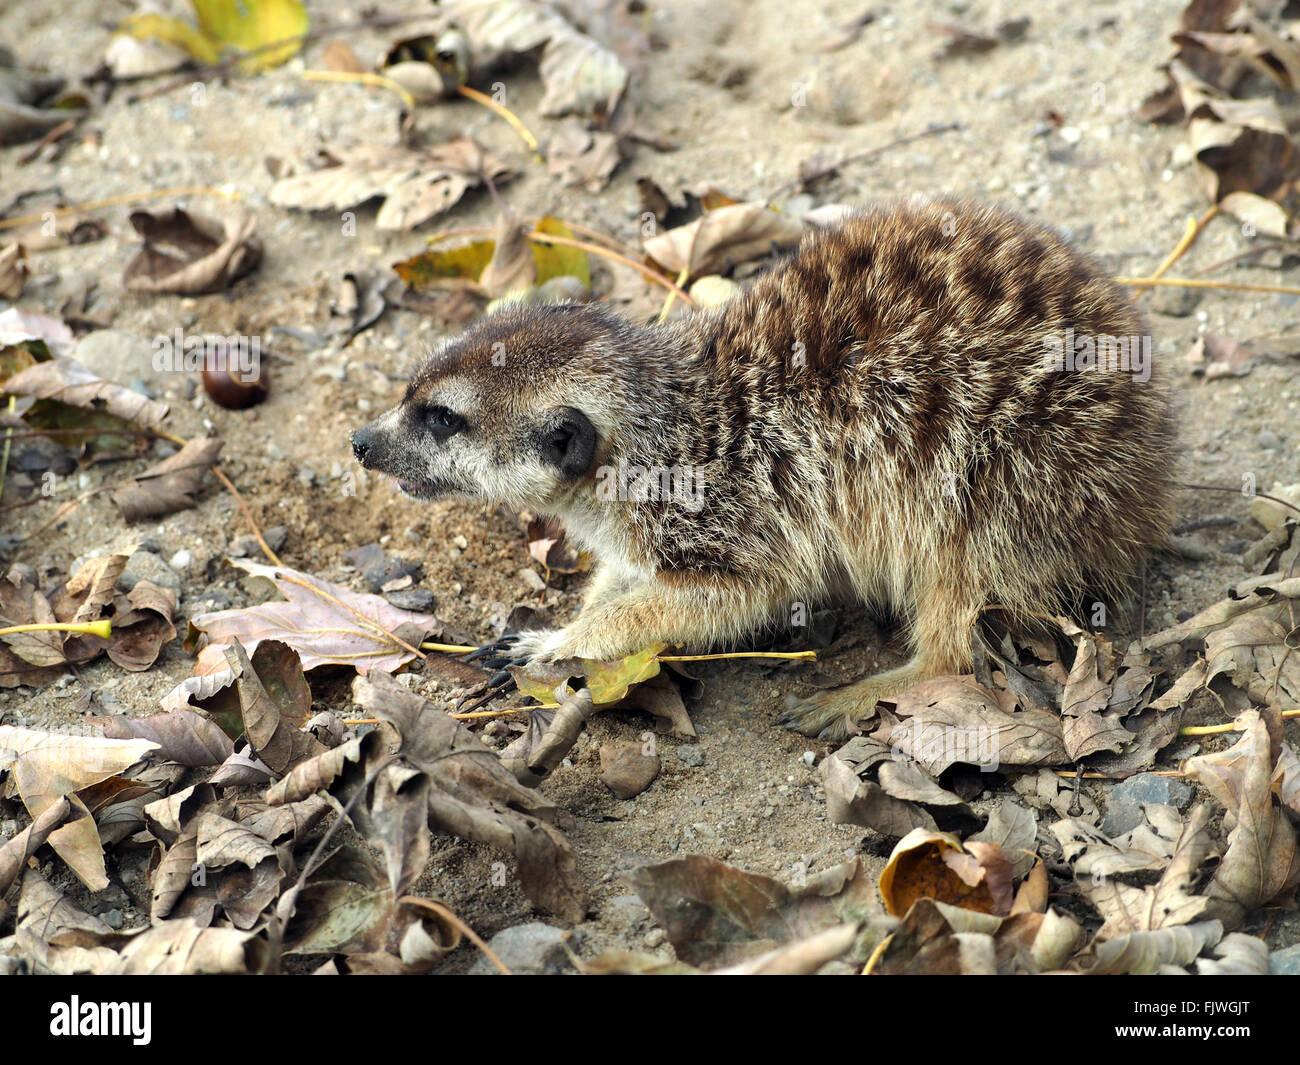 Angolo di Alta Vista di meerkat sul campo disordinato Immagini Stock